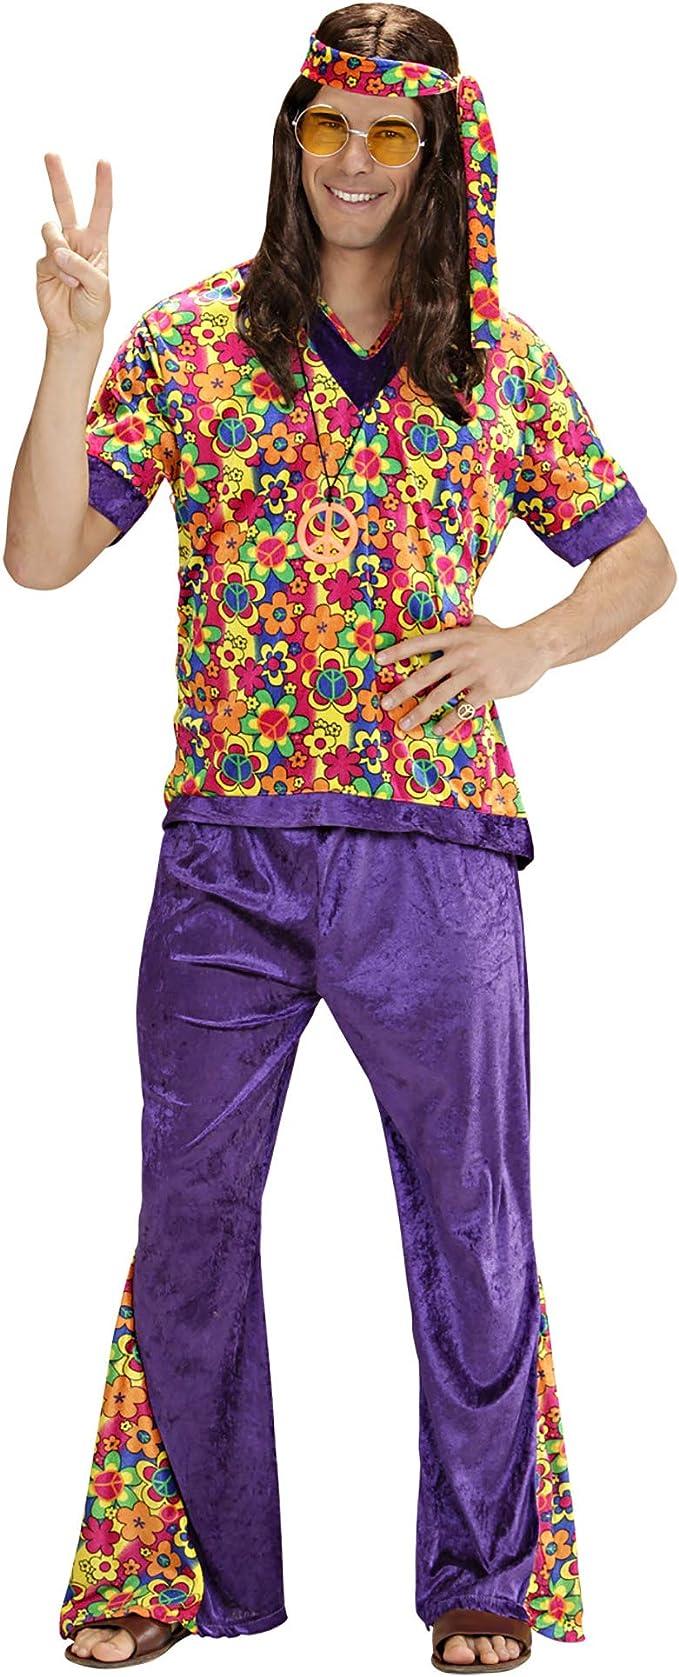 WIDMANN Widman - Disfraz de hippie años 60s para hombre, talla XL ...